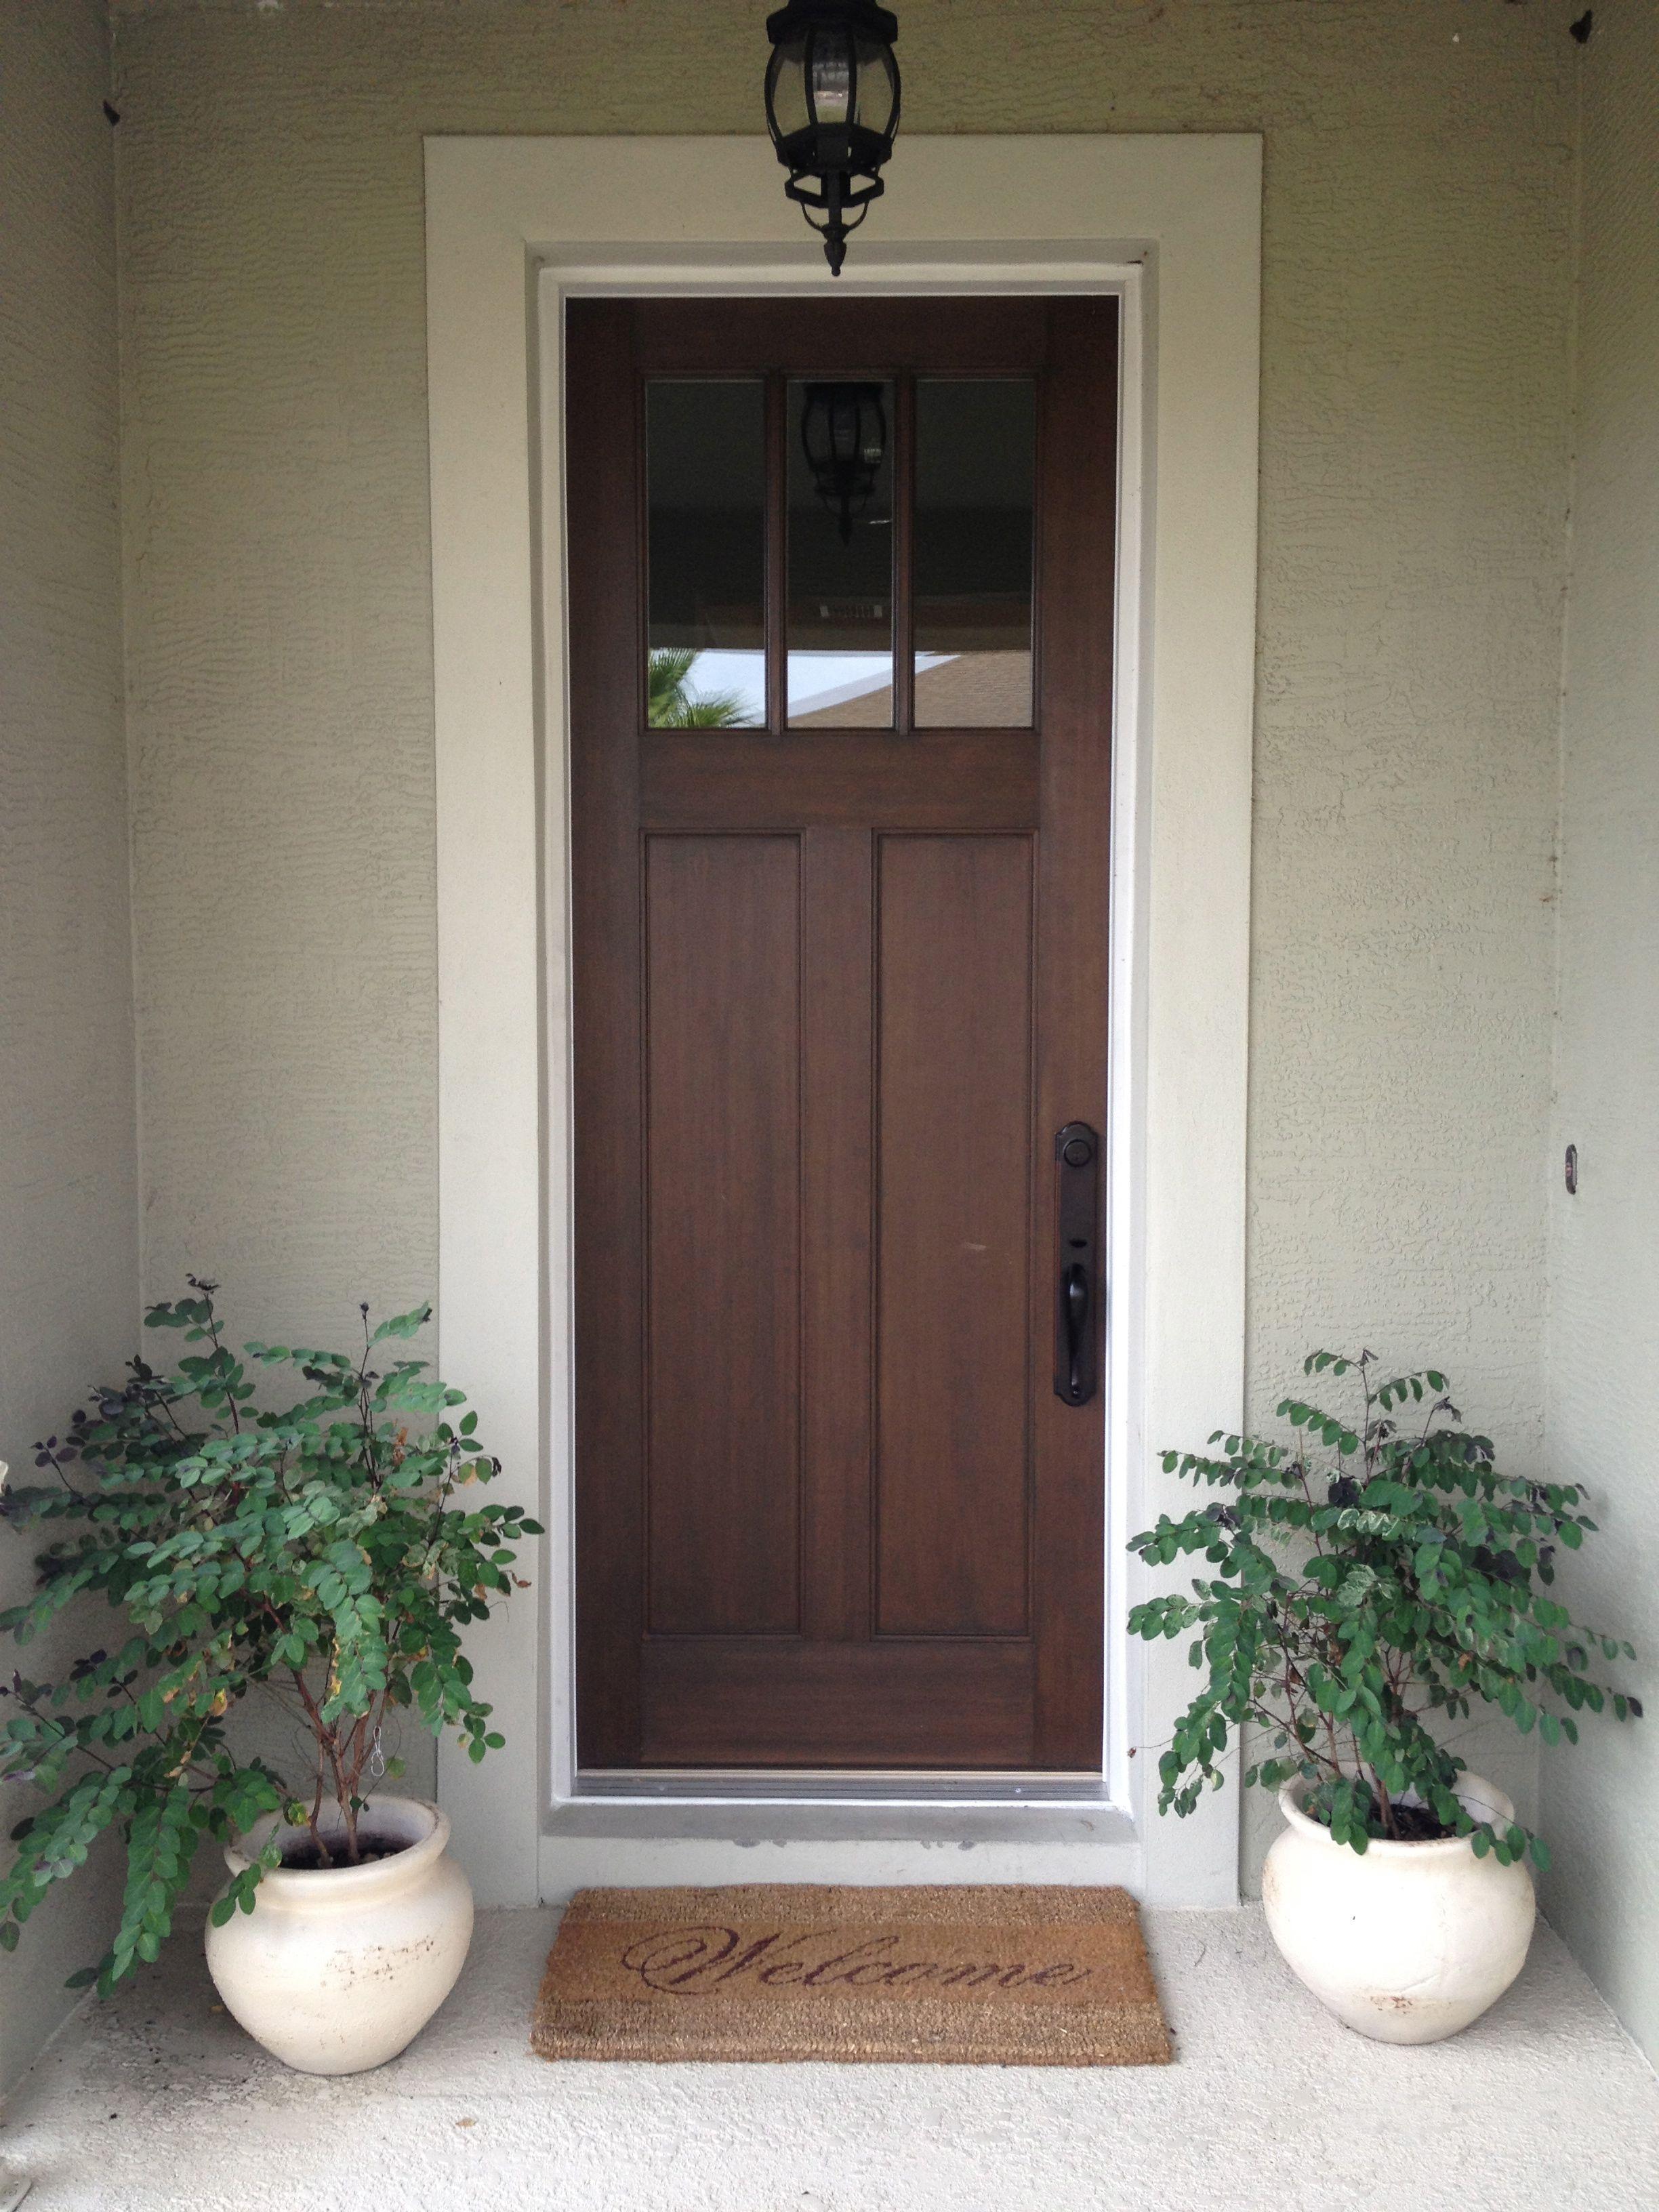 los paint garage pin style agi ca doors credit angeles door photo craftsman grade dyer